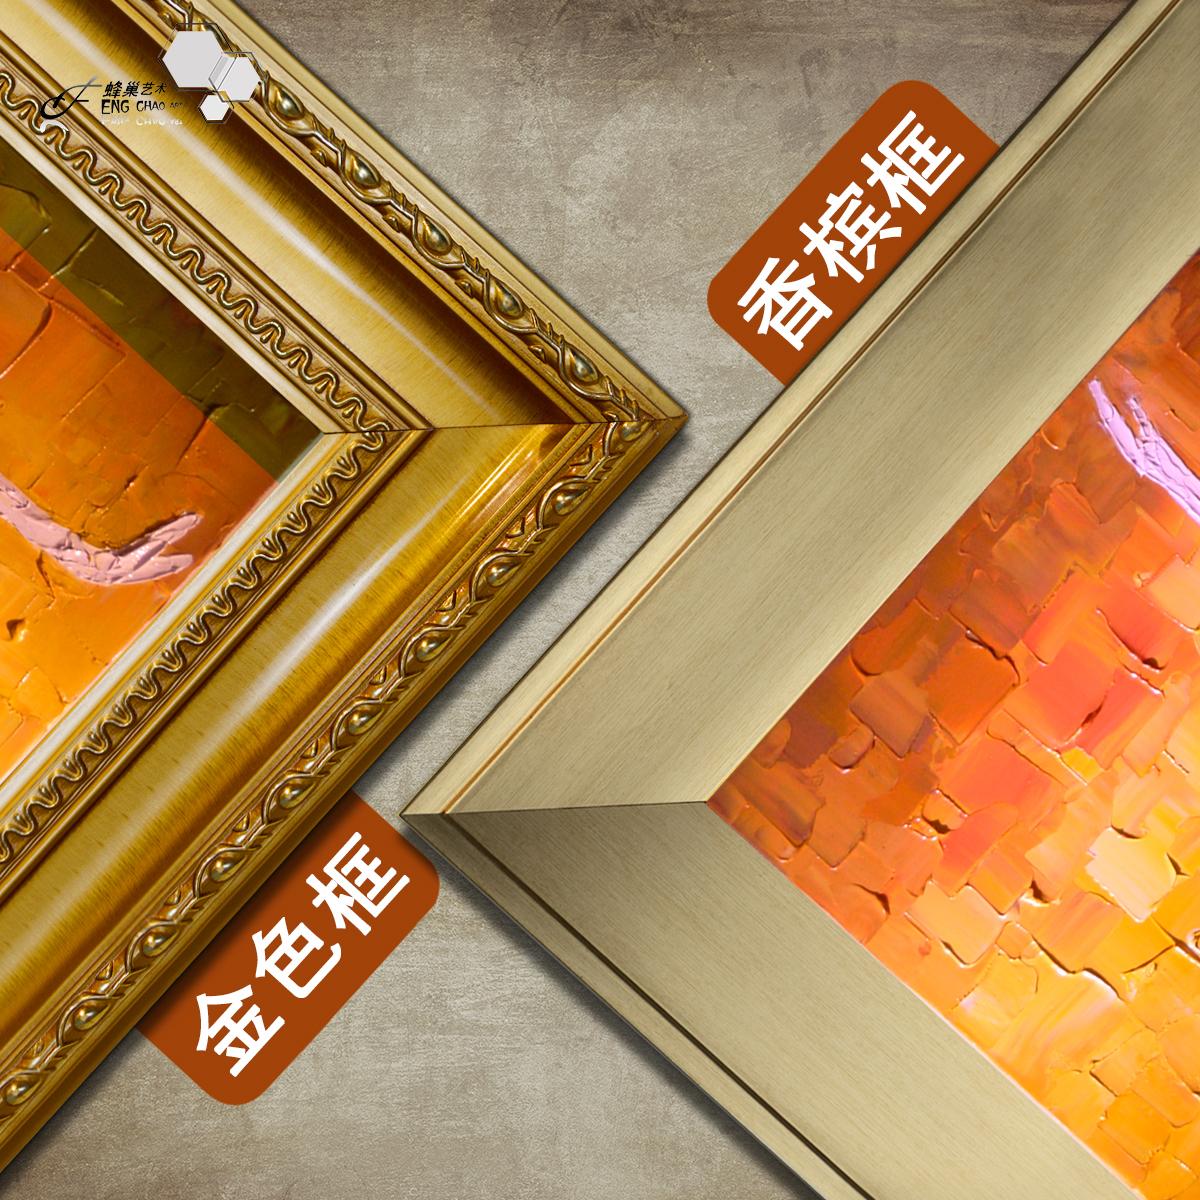 油画 客厅玄关装饰画欧式过道壁画餐厅挂画 手绘抽象竖版芭蕾舞